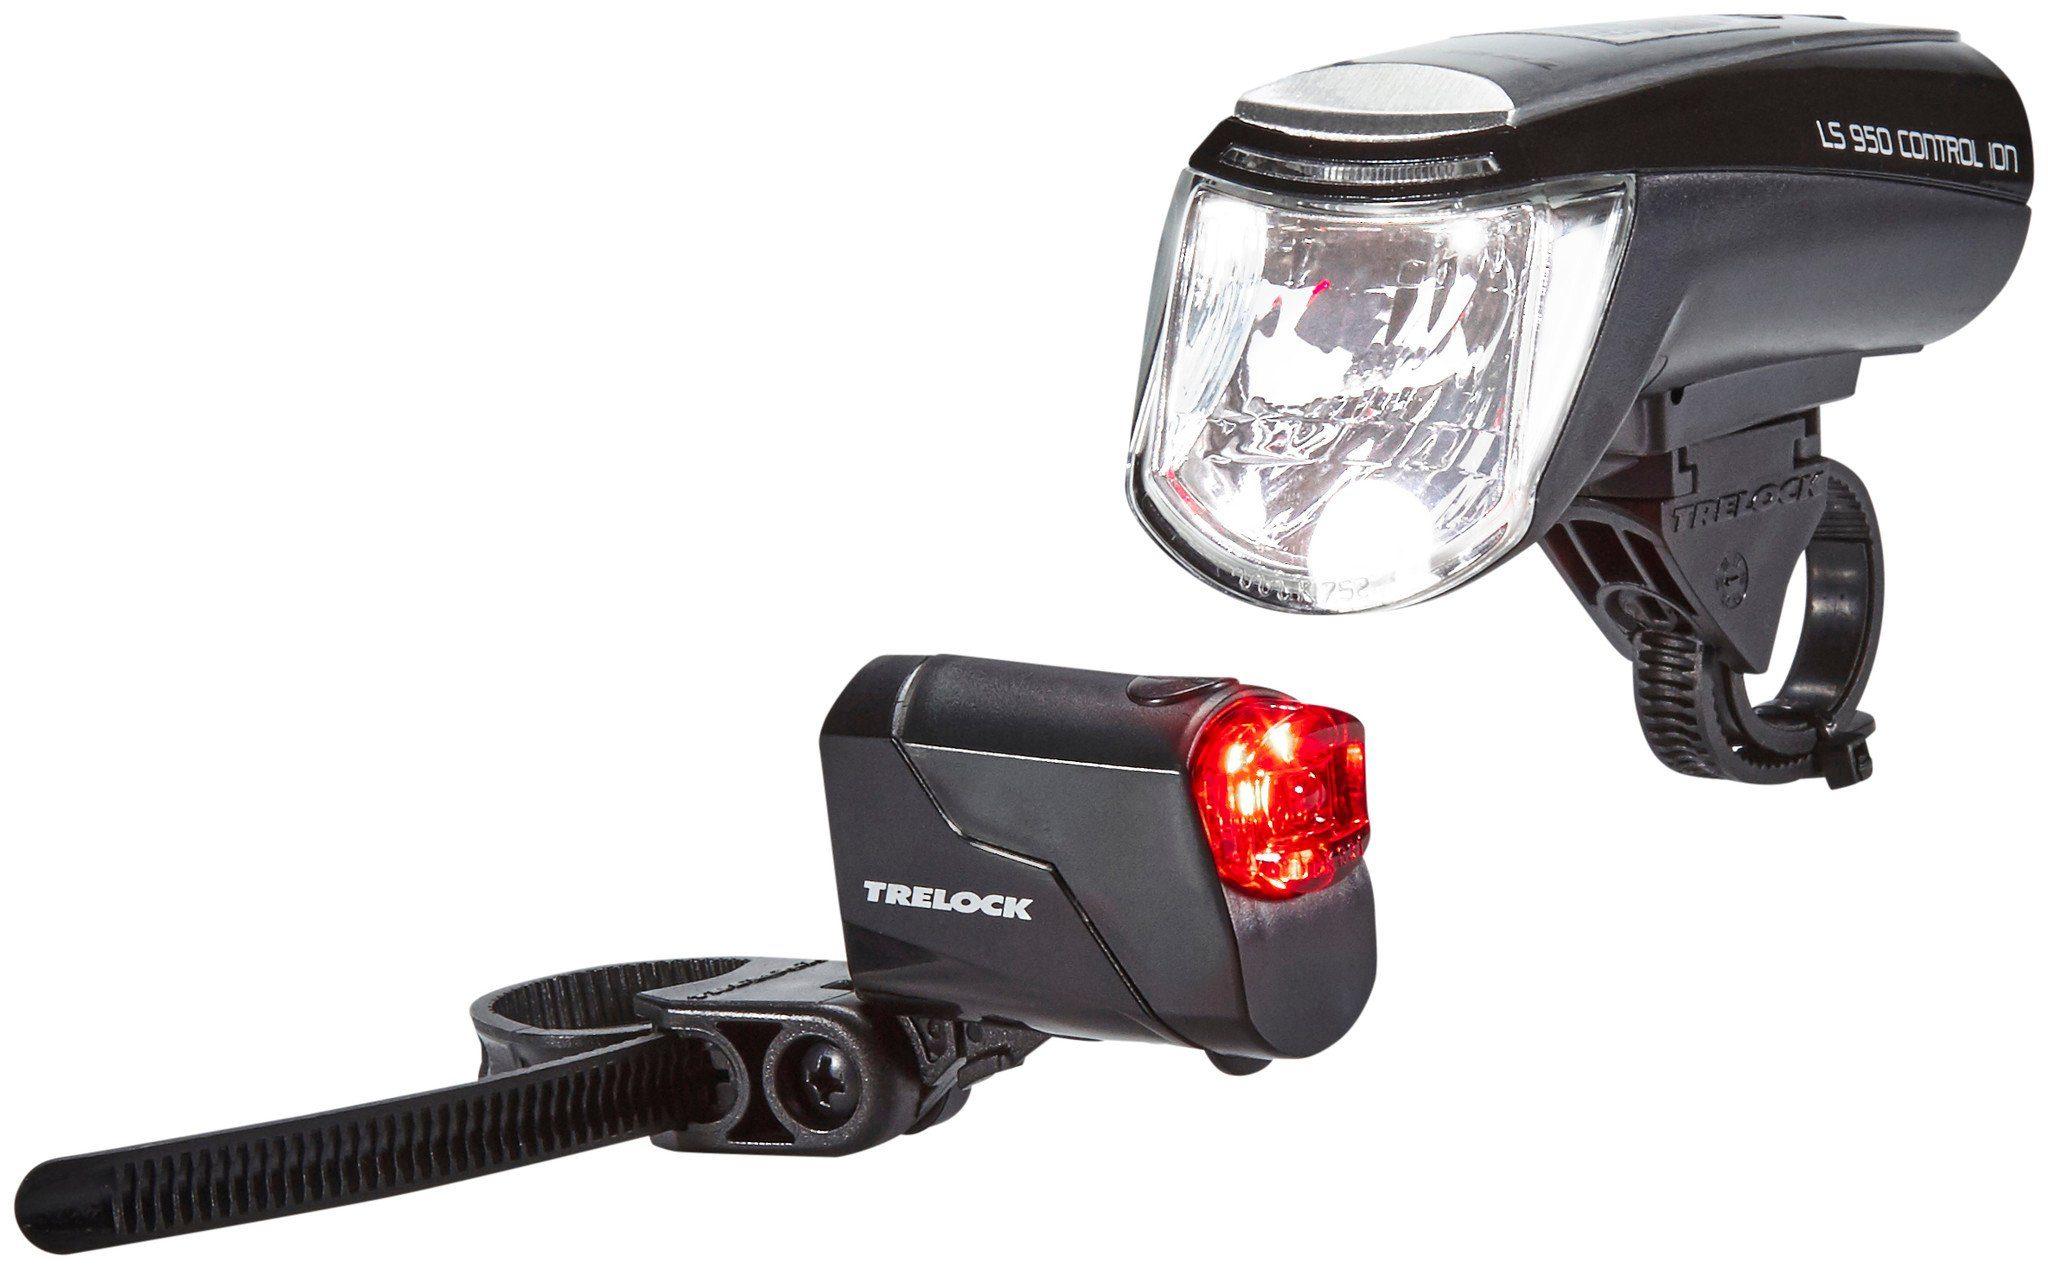 Trelock Fahrradbeleuchtung »LS 950 CONTROL ION / LS 720 Beleuchtungsset«